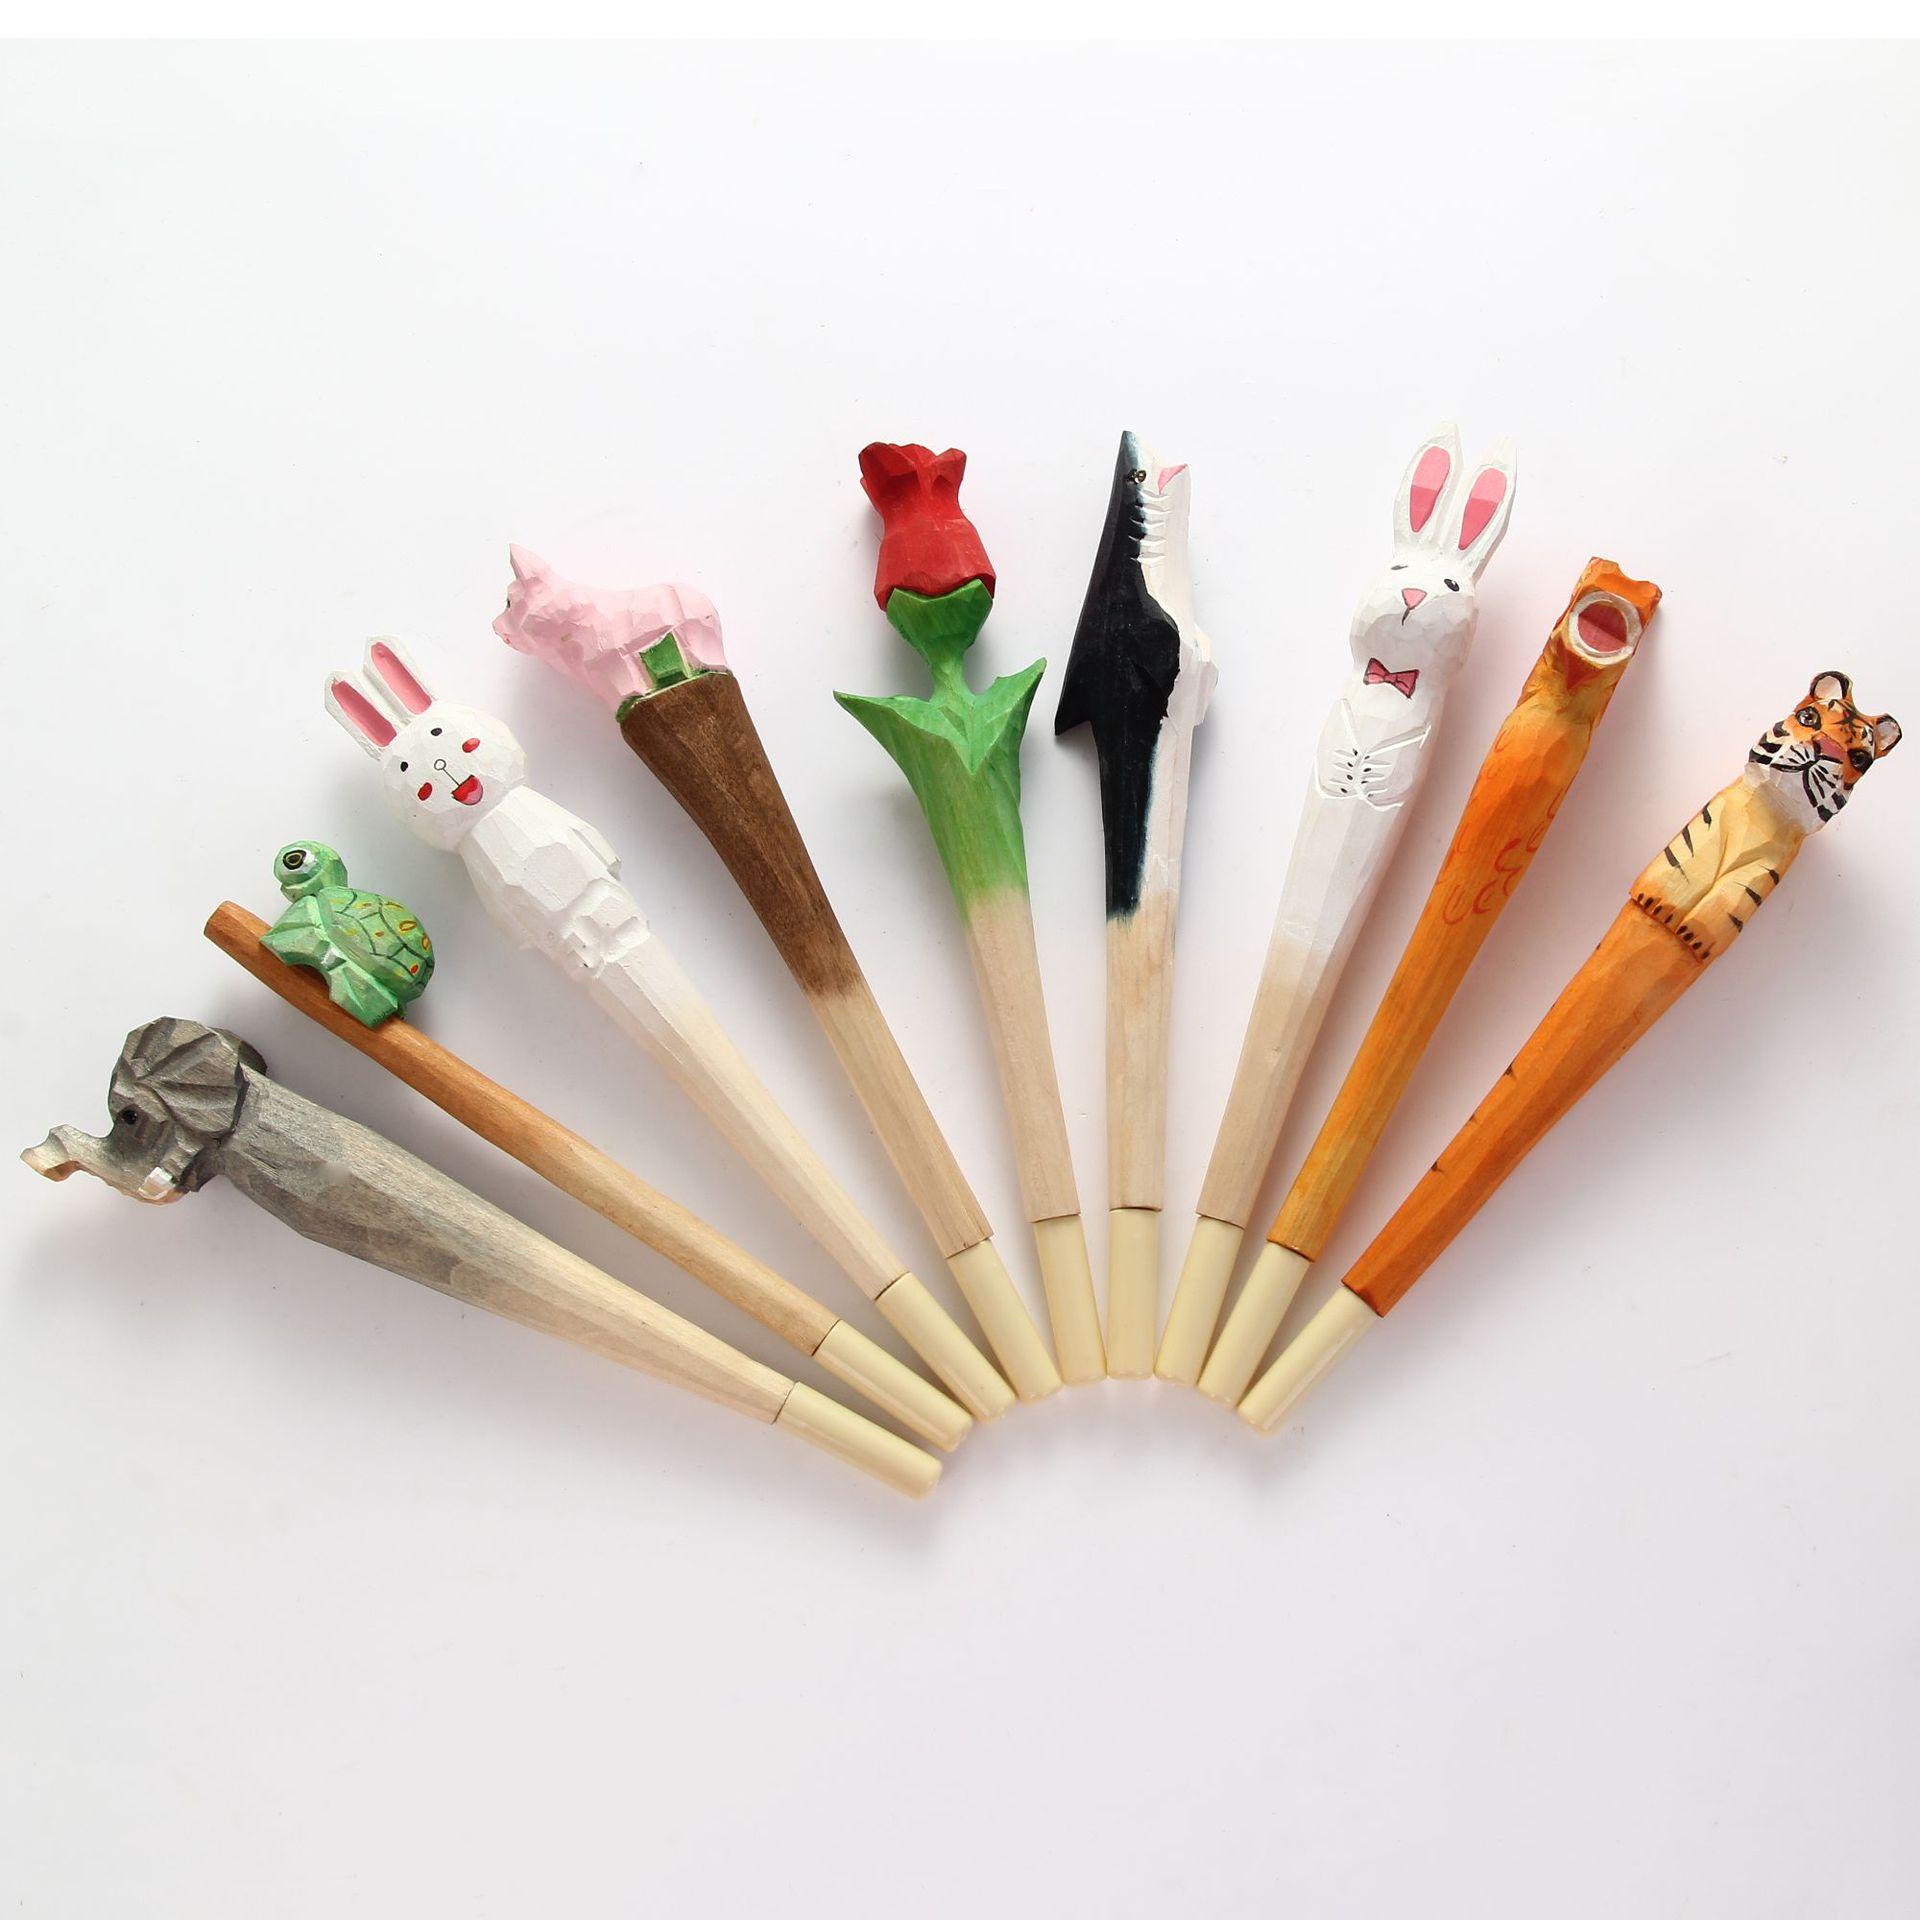 YUSEN Bút nước Gỗ khắc bút động vật dễ thương phim hoạt hình khắc gỗ thủ công bút có thể thay đổi lõ